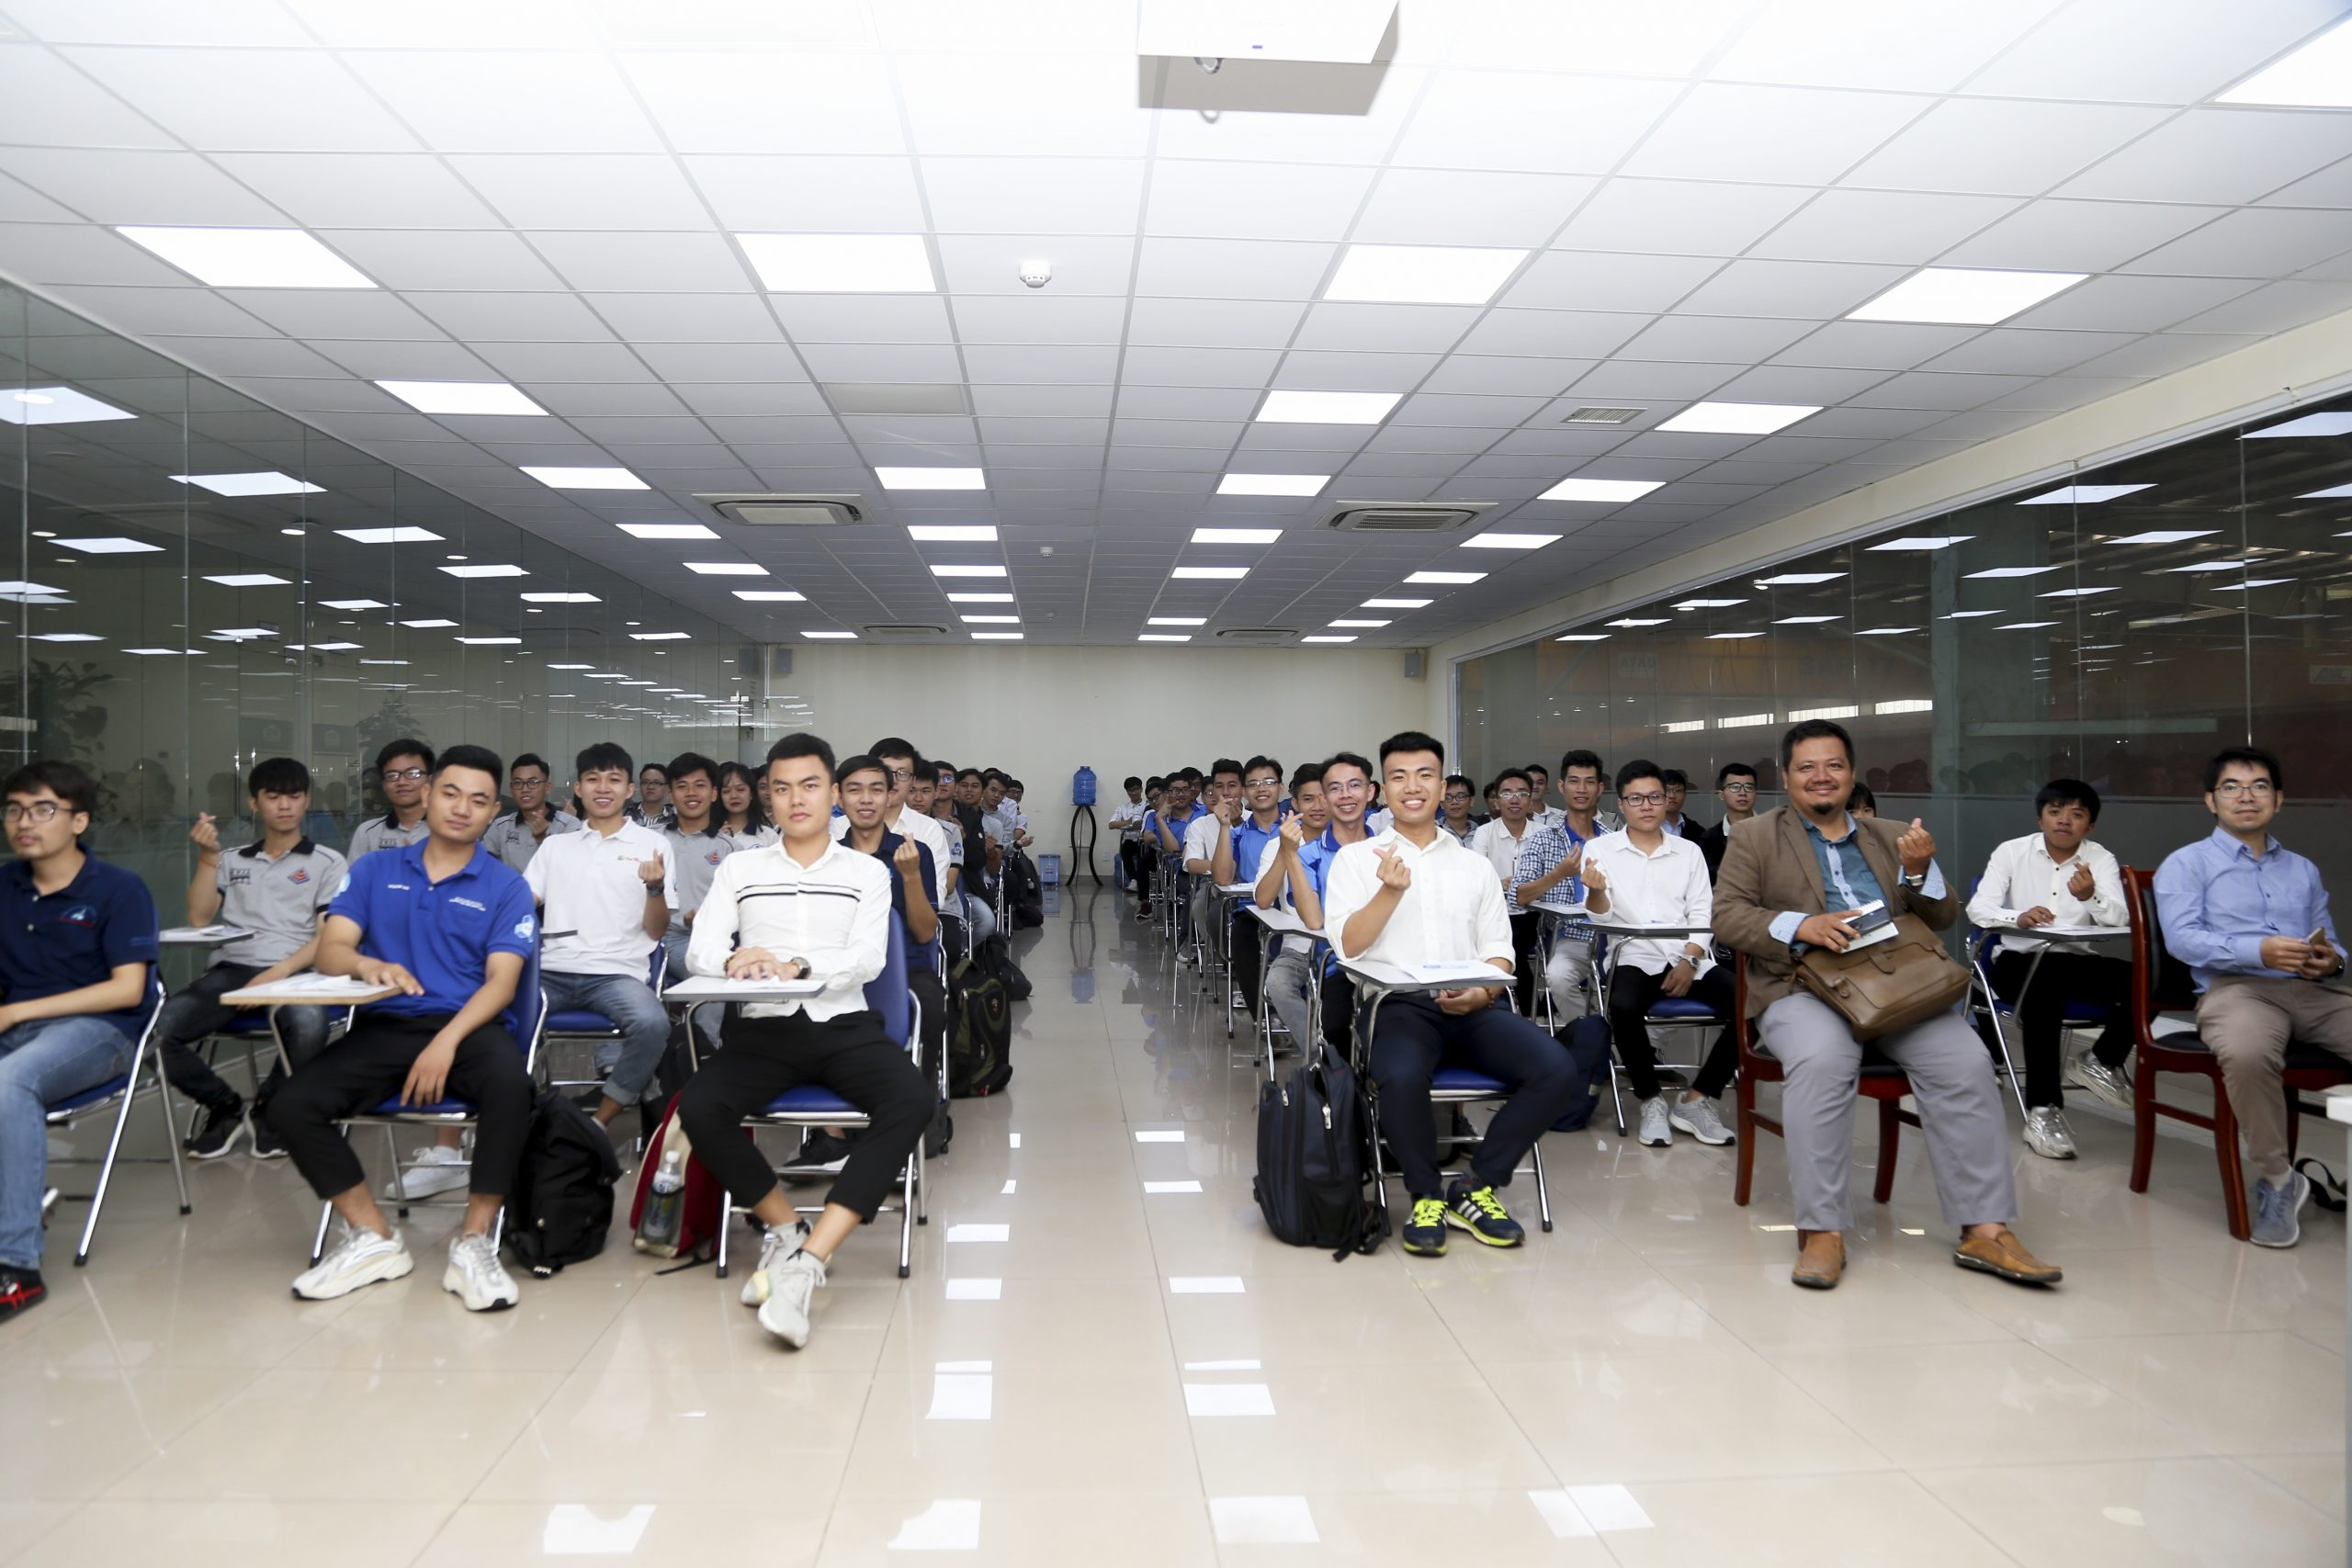 Đoàn sinh viên Đại học Bách Khoa TP. HCM tham quan trải nghiệm thực tế tại nhà máy ATAD Đồng Nai 1